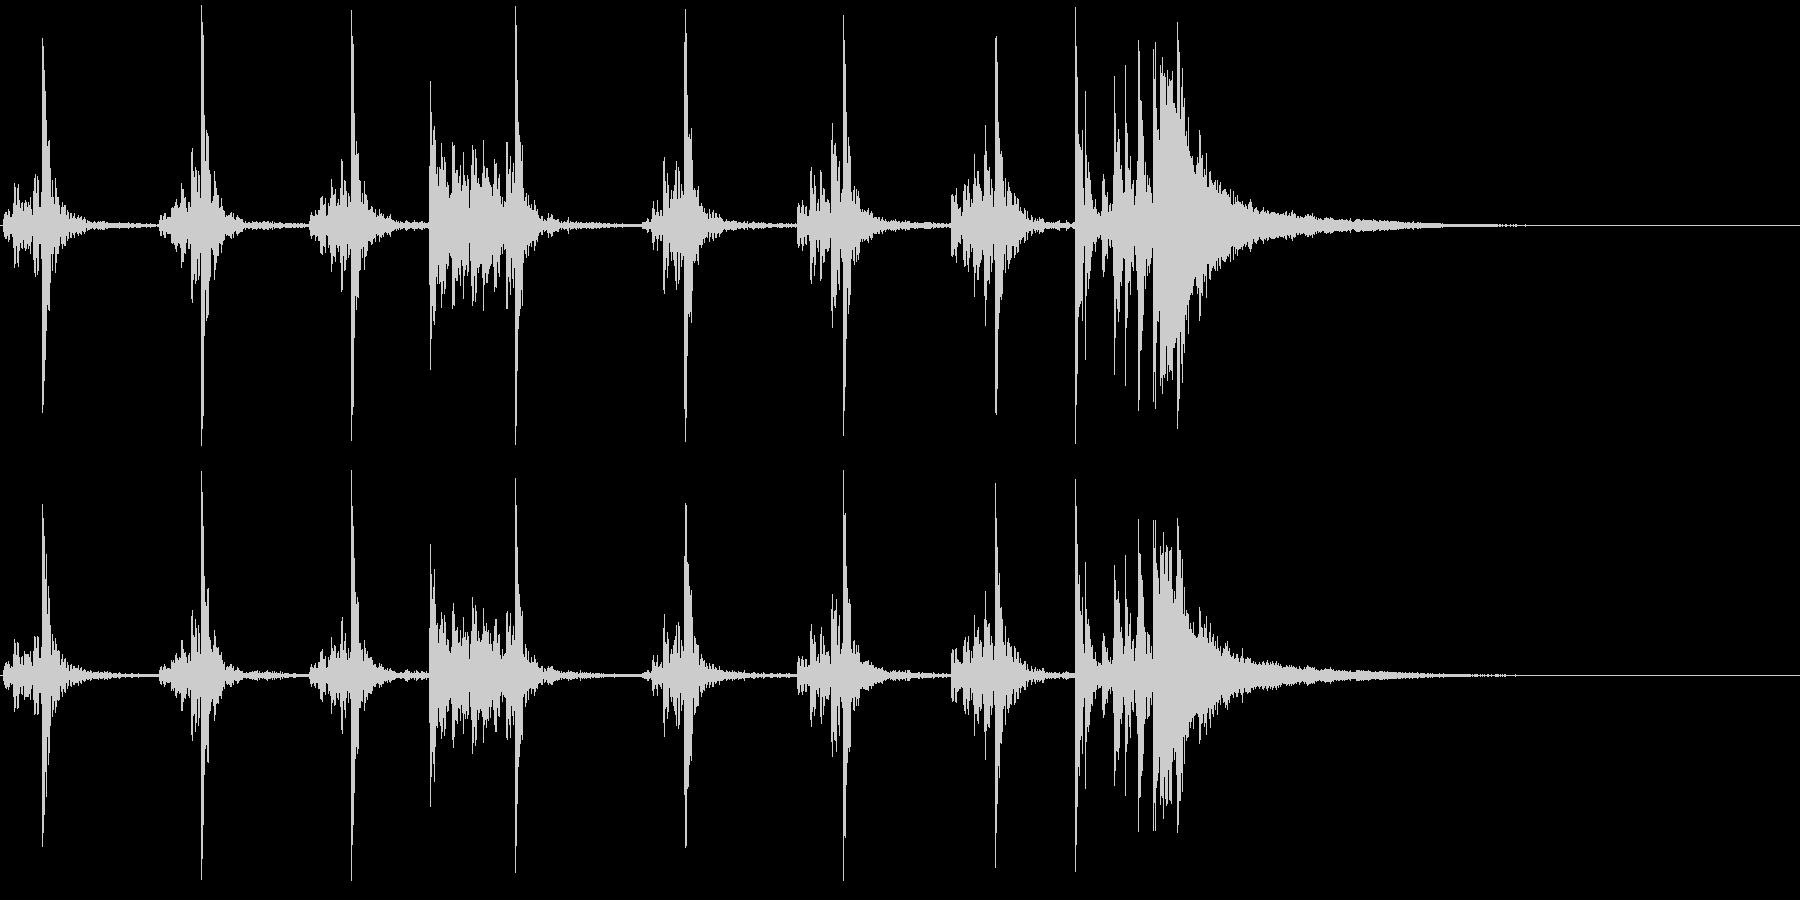 低音:シンバルアクセントのある死の...の未再生の波形